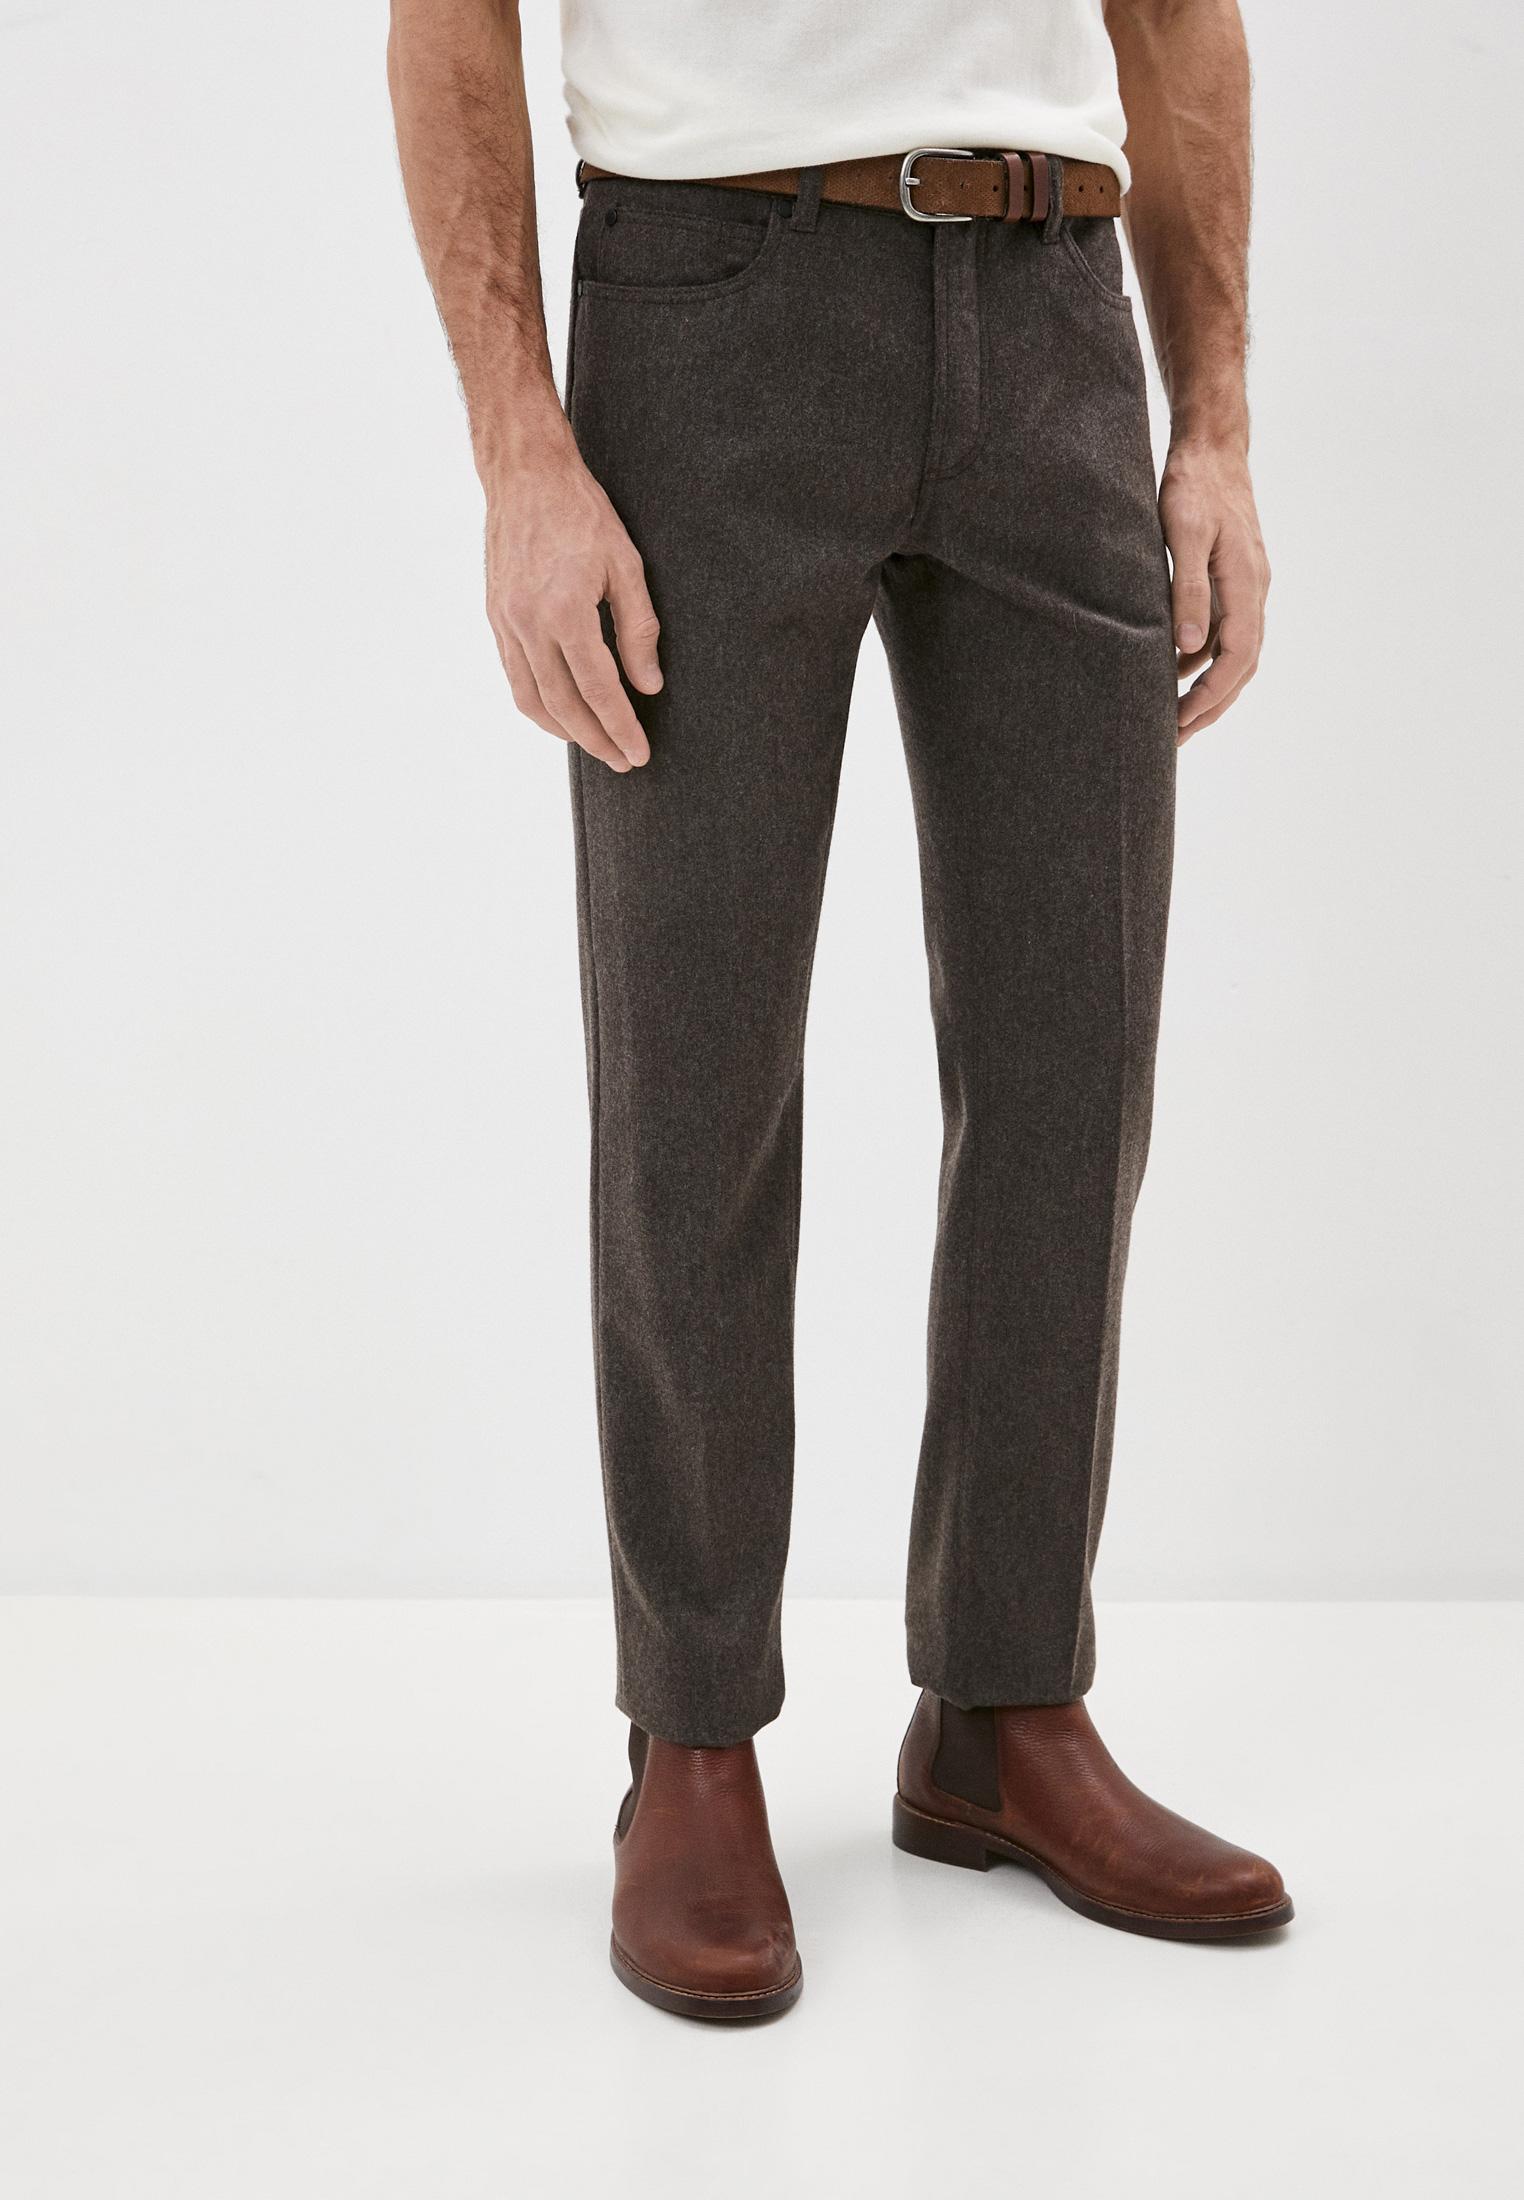 Мужские повседневные брюки Trussardi (Труссарди) Брюки Trussardi